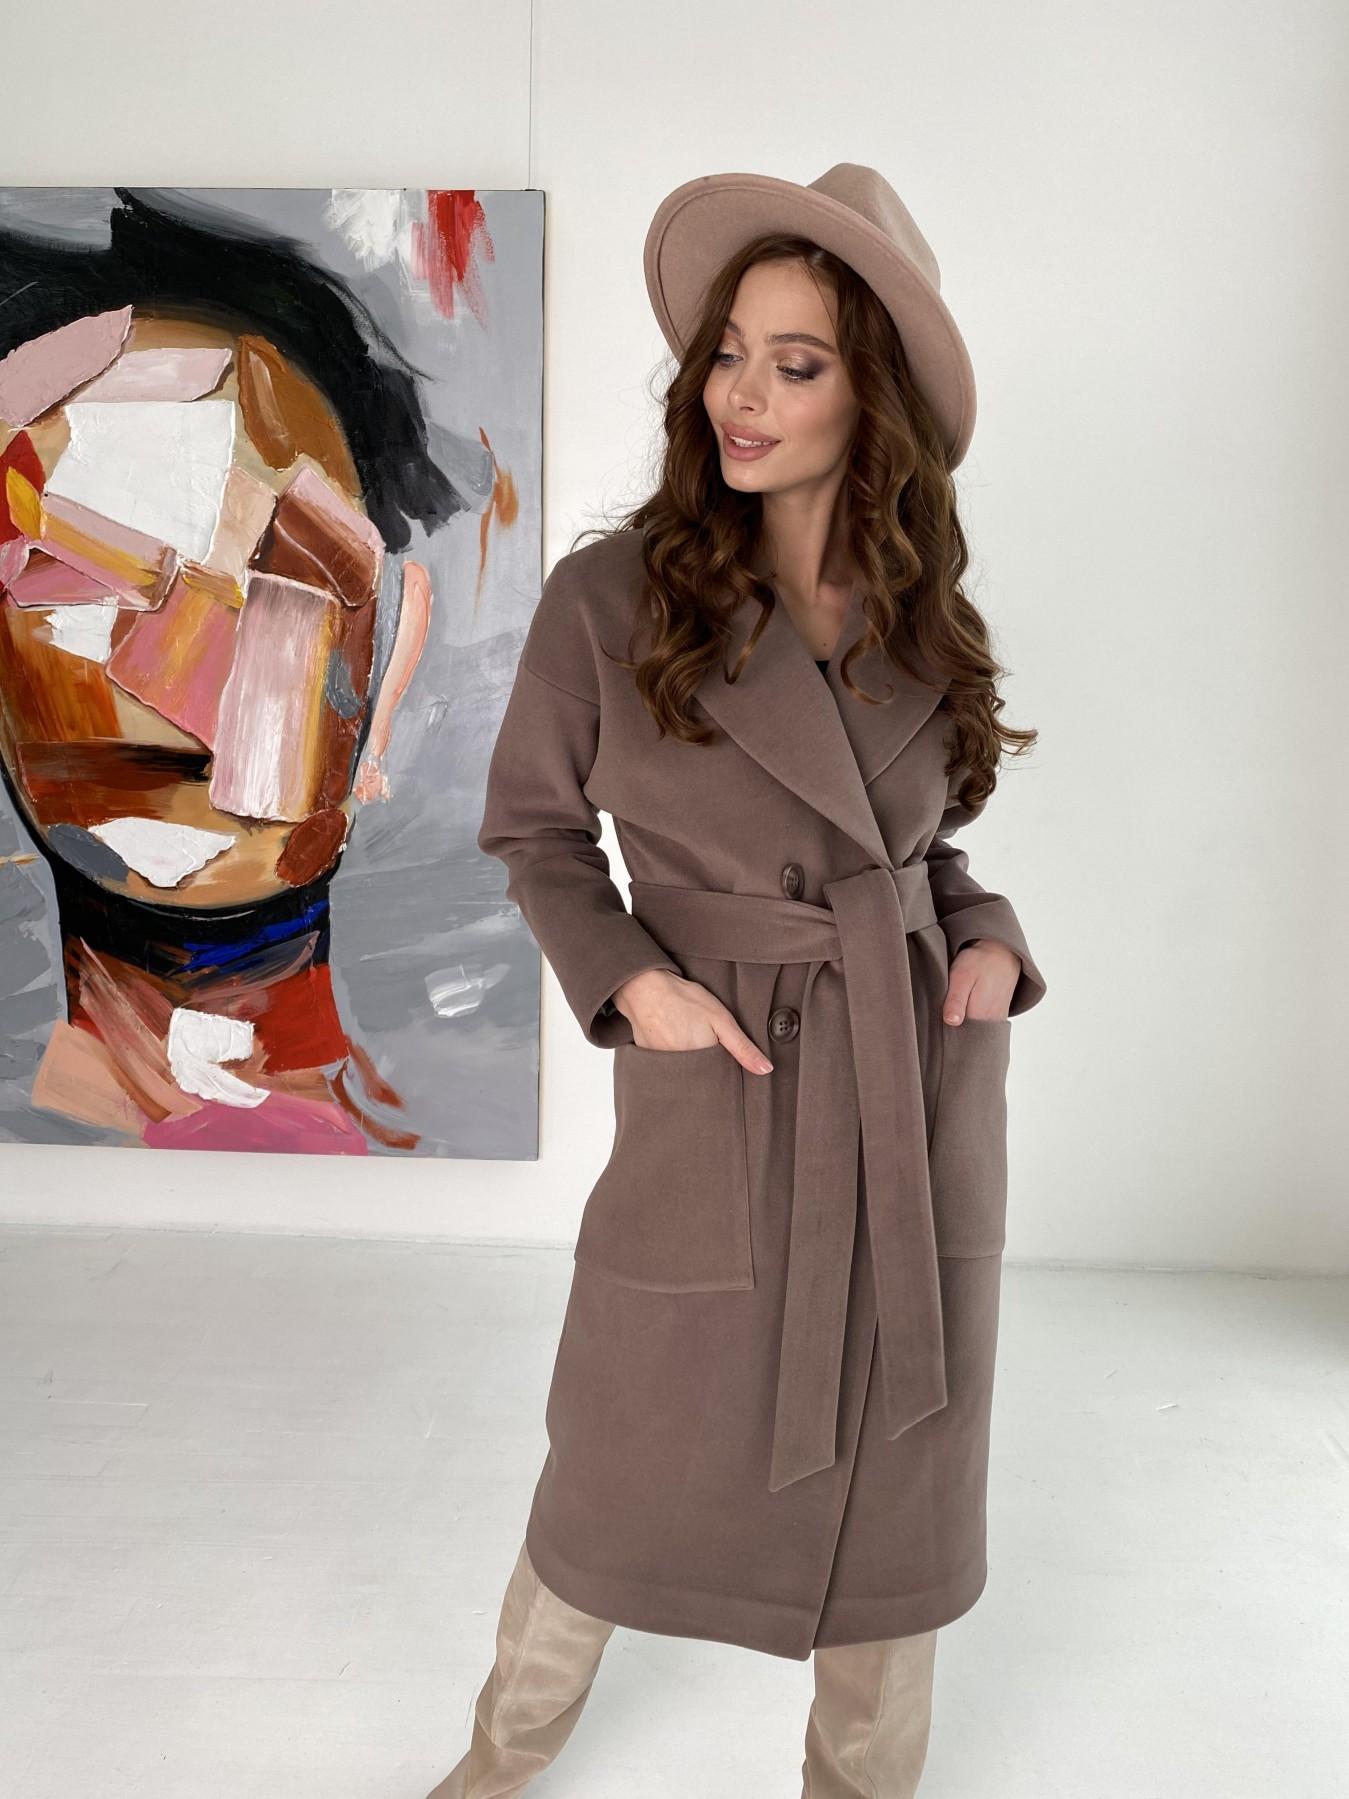 Свайп макси пальто из кашемира на трикотаже 10619 АРТ. 46998 Цвет: Кофе - фото 4, интернет магазин tm-modus.ru